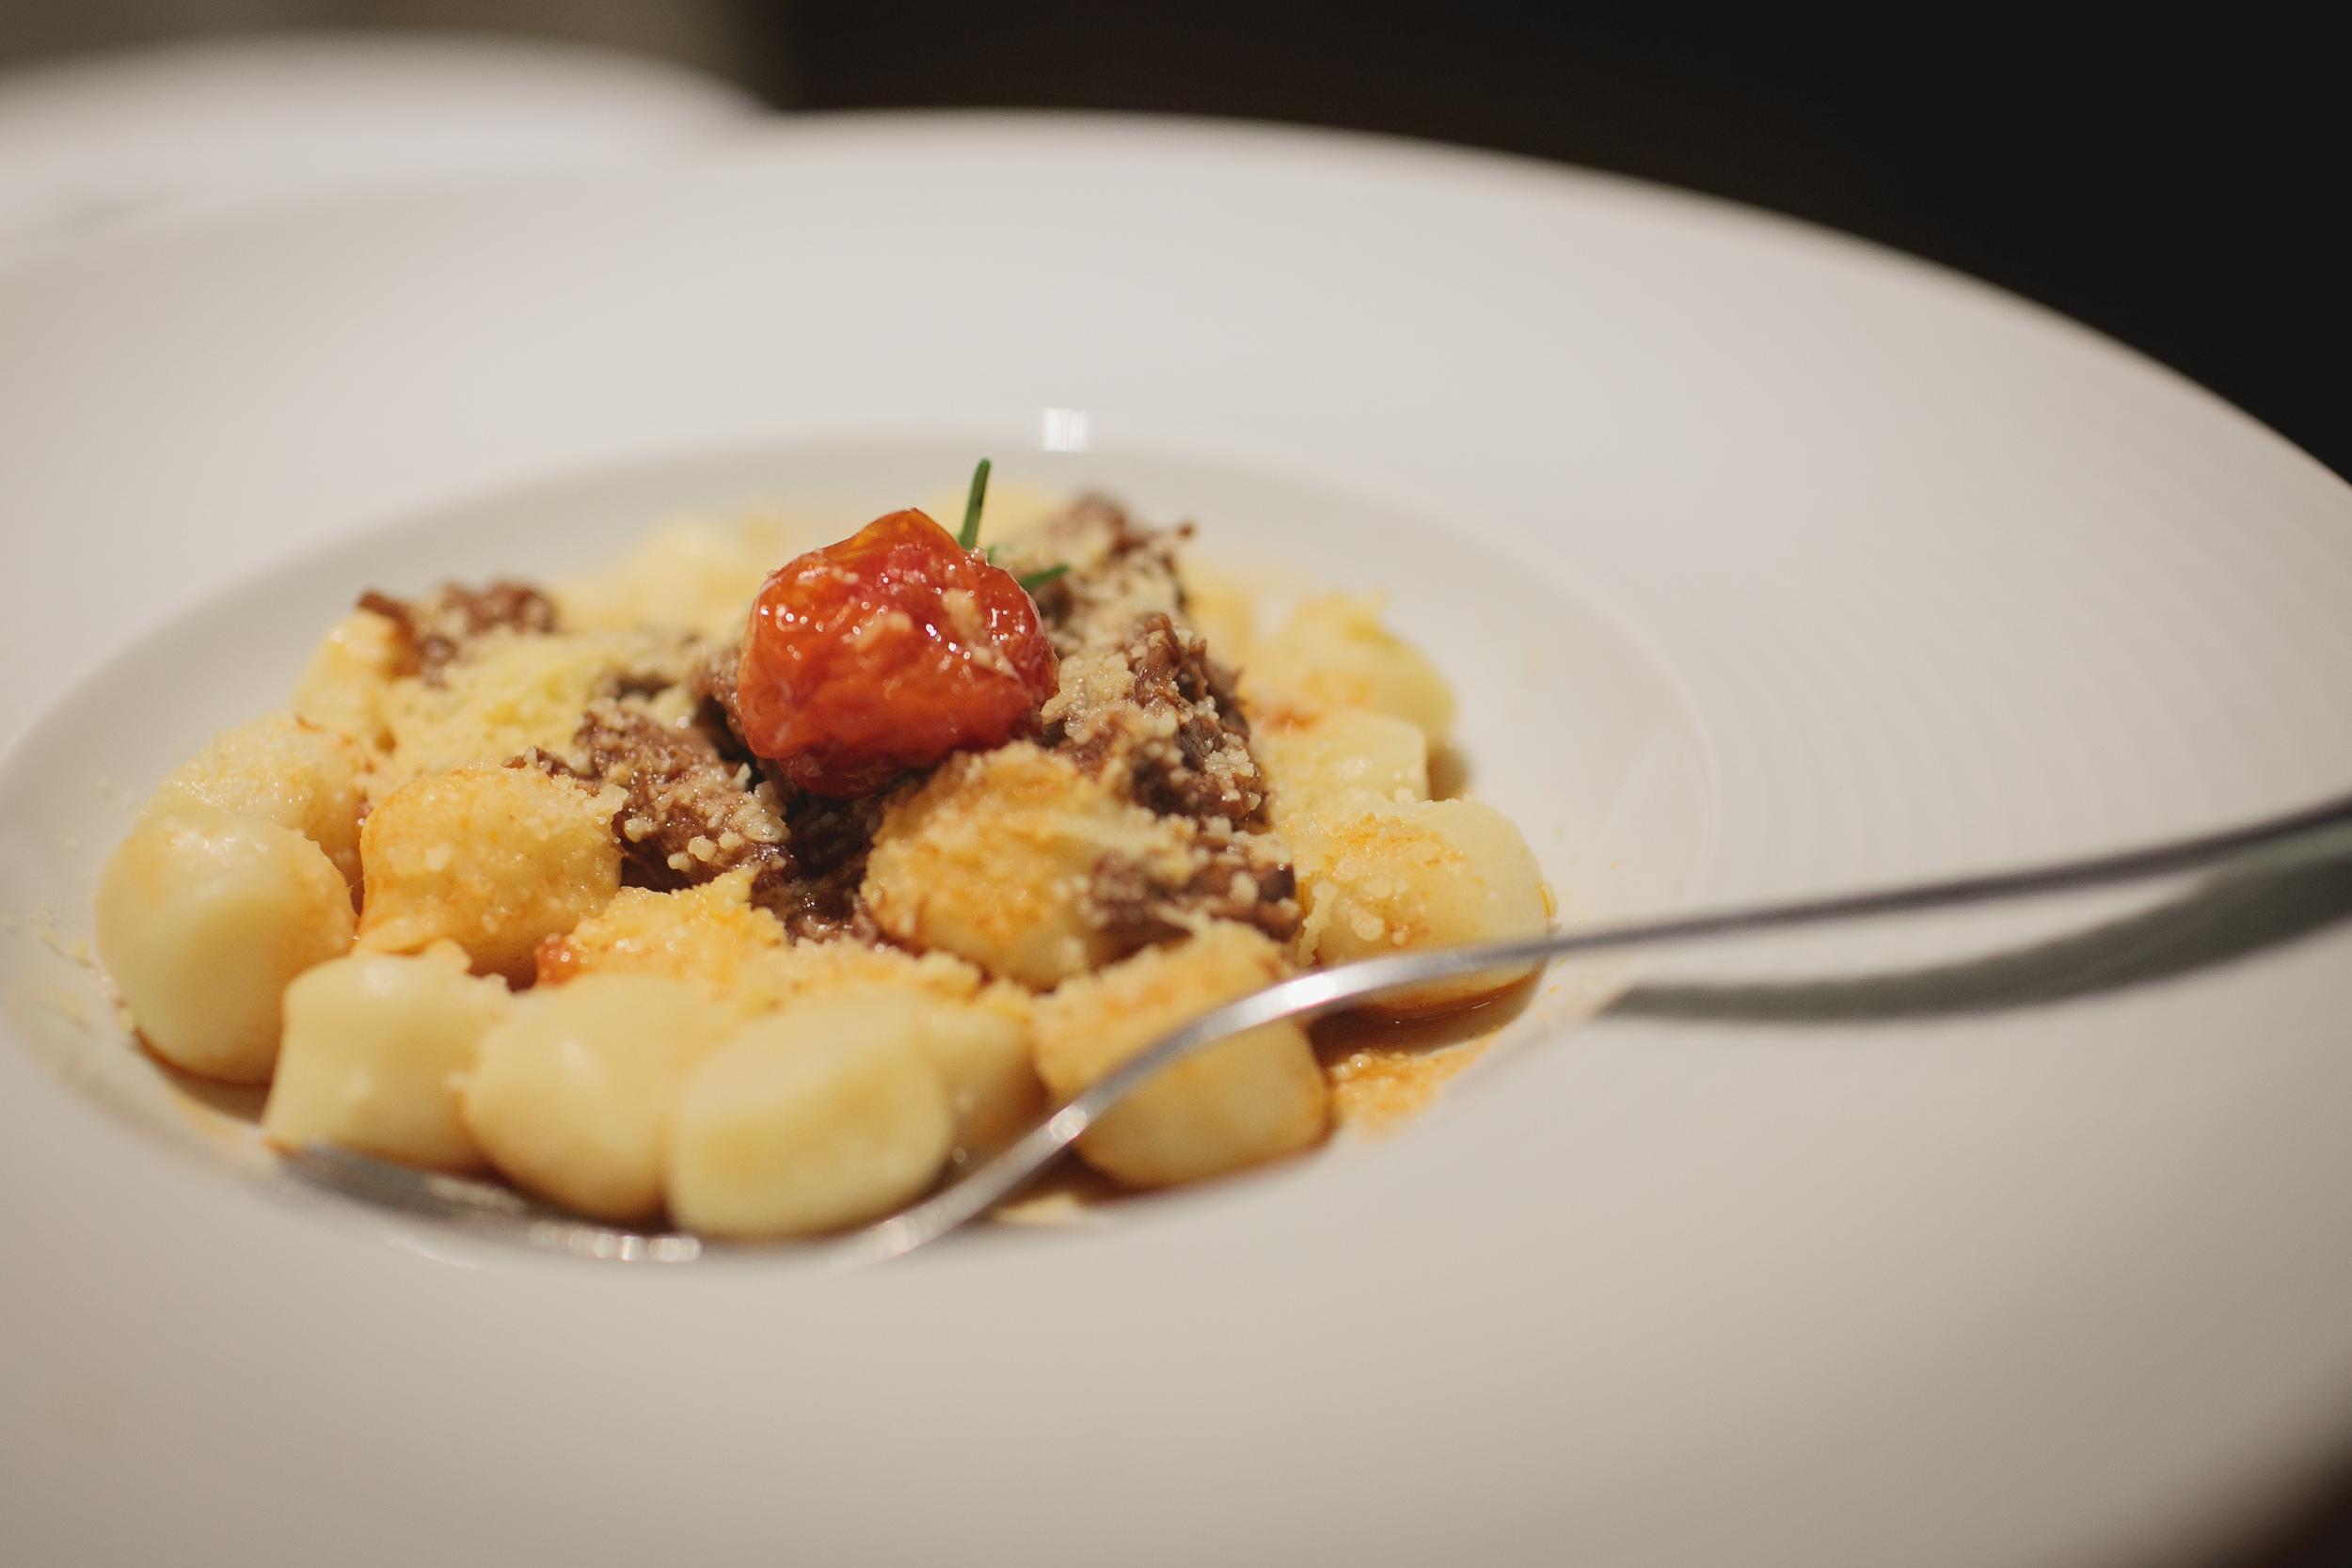 Nhoque com ragu de carne de panela e tomate cereja confitado